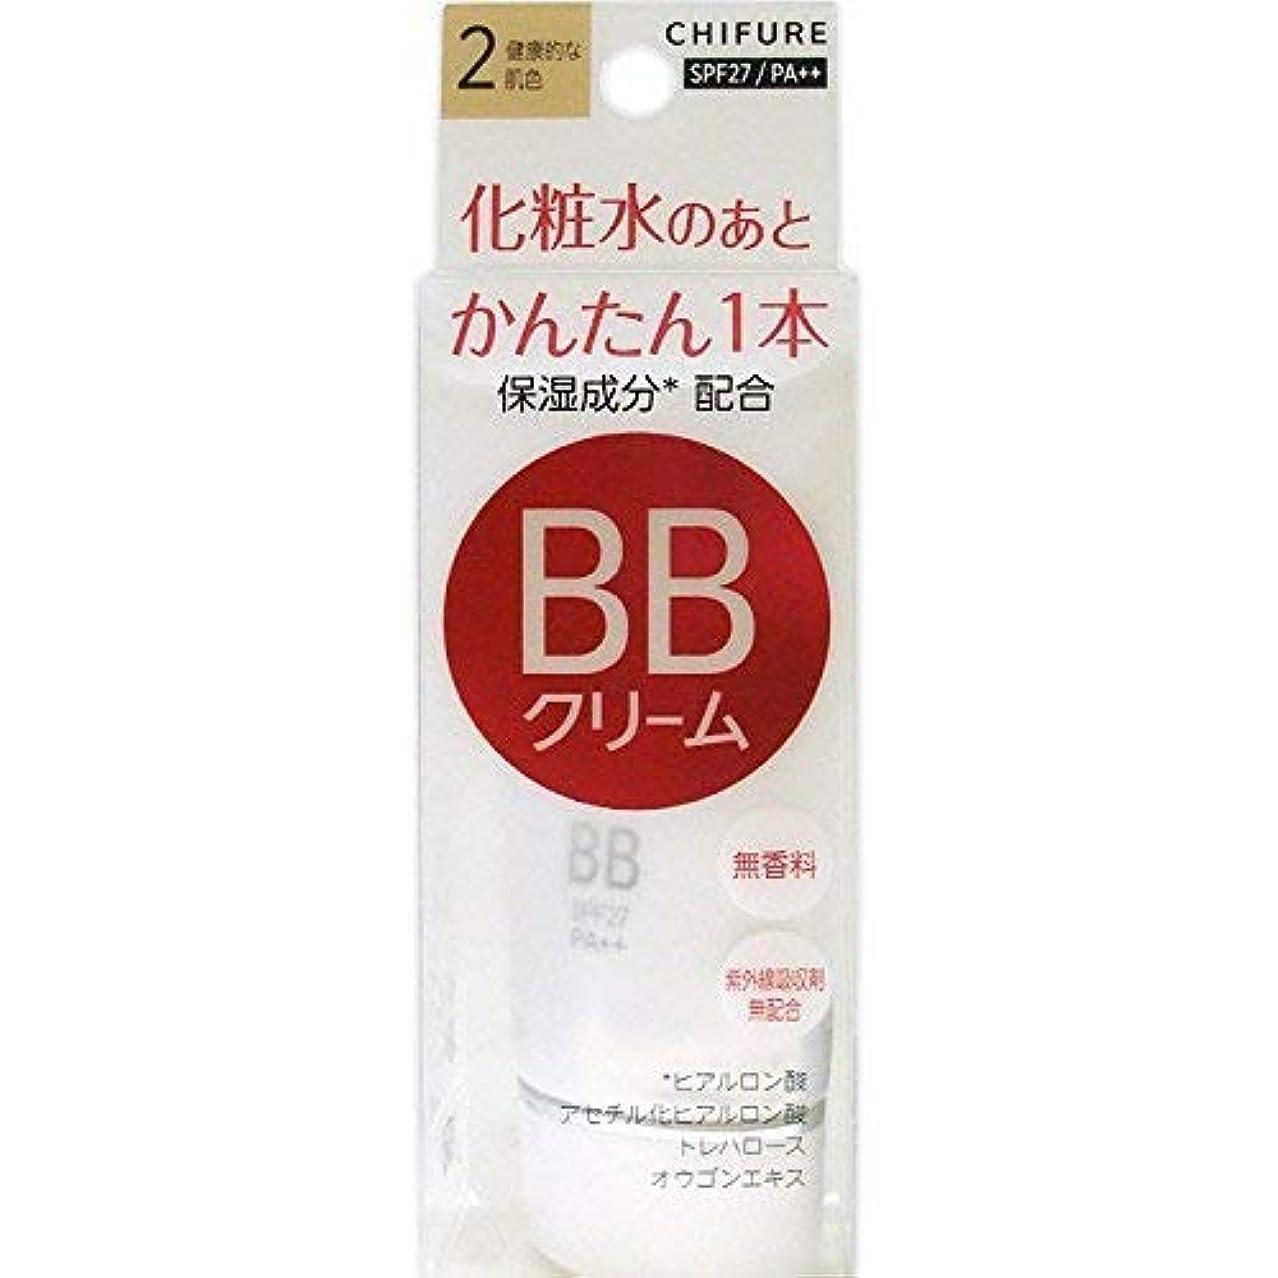 薄める盲目好奇心盛ちふれ化粧品 BB クリーム 2 健康的な肌色 BBクリーム 2